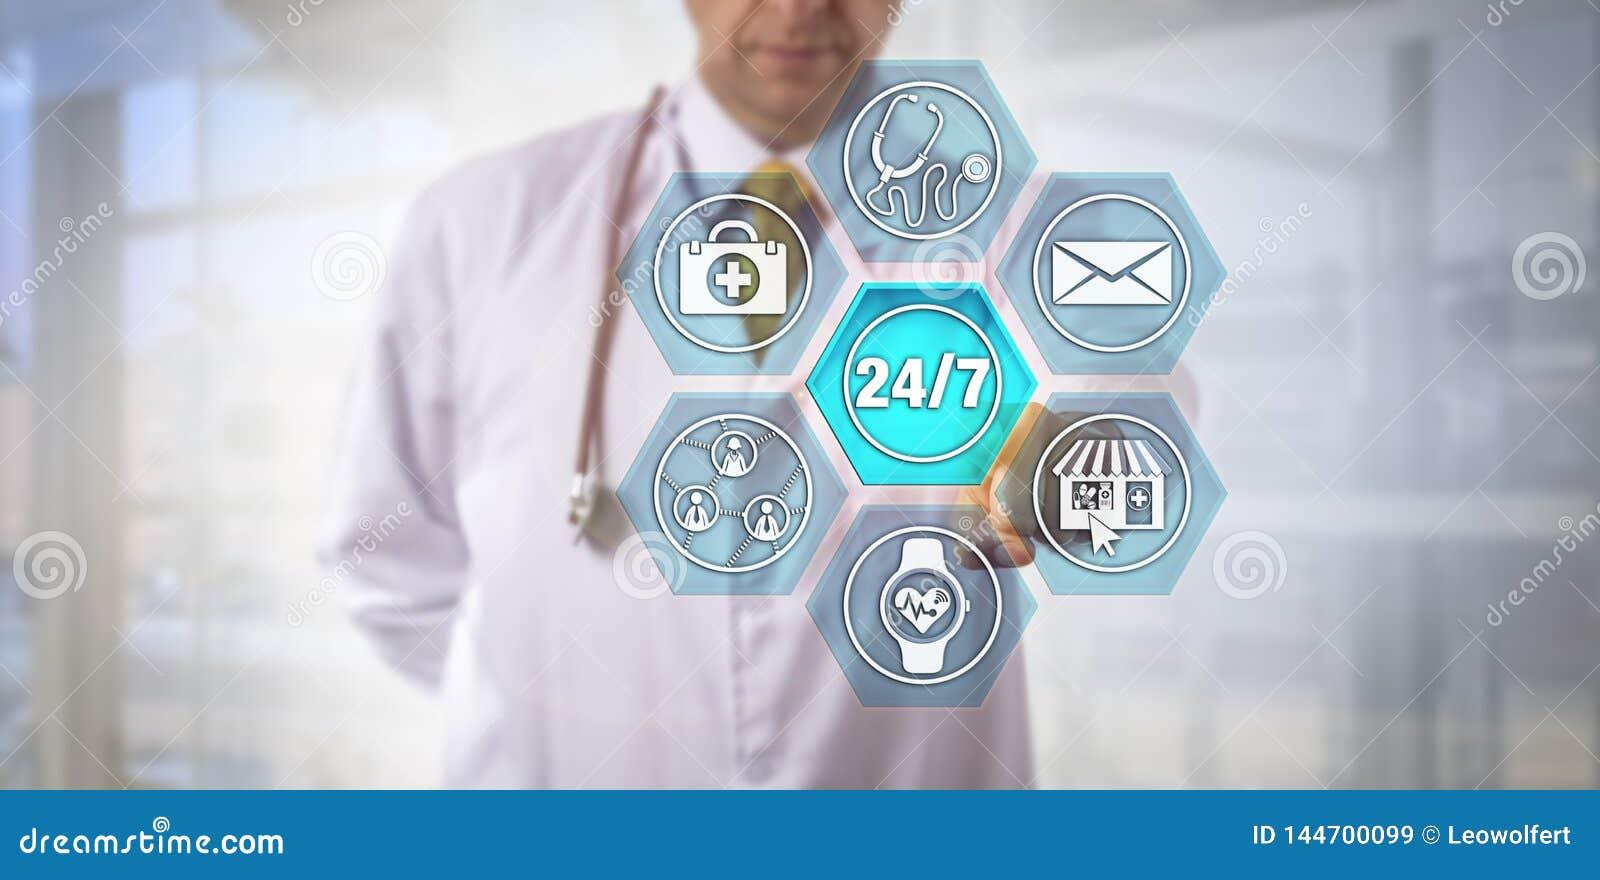 Médico Activating de la Internet-comprensión 24/7 servicio